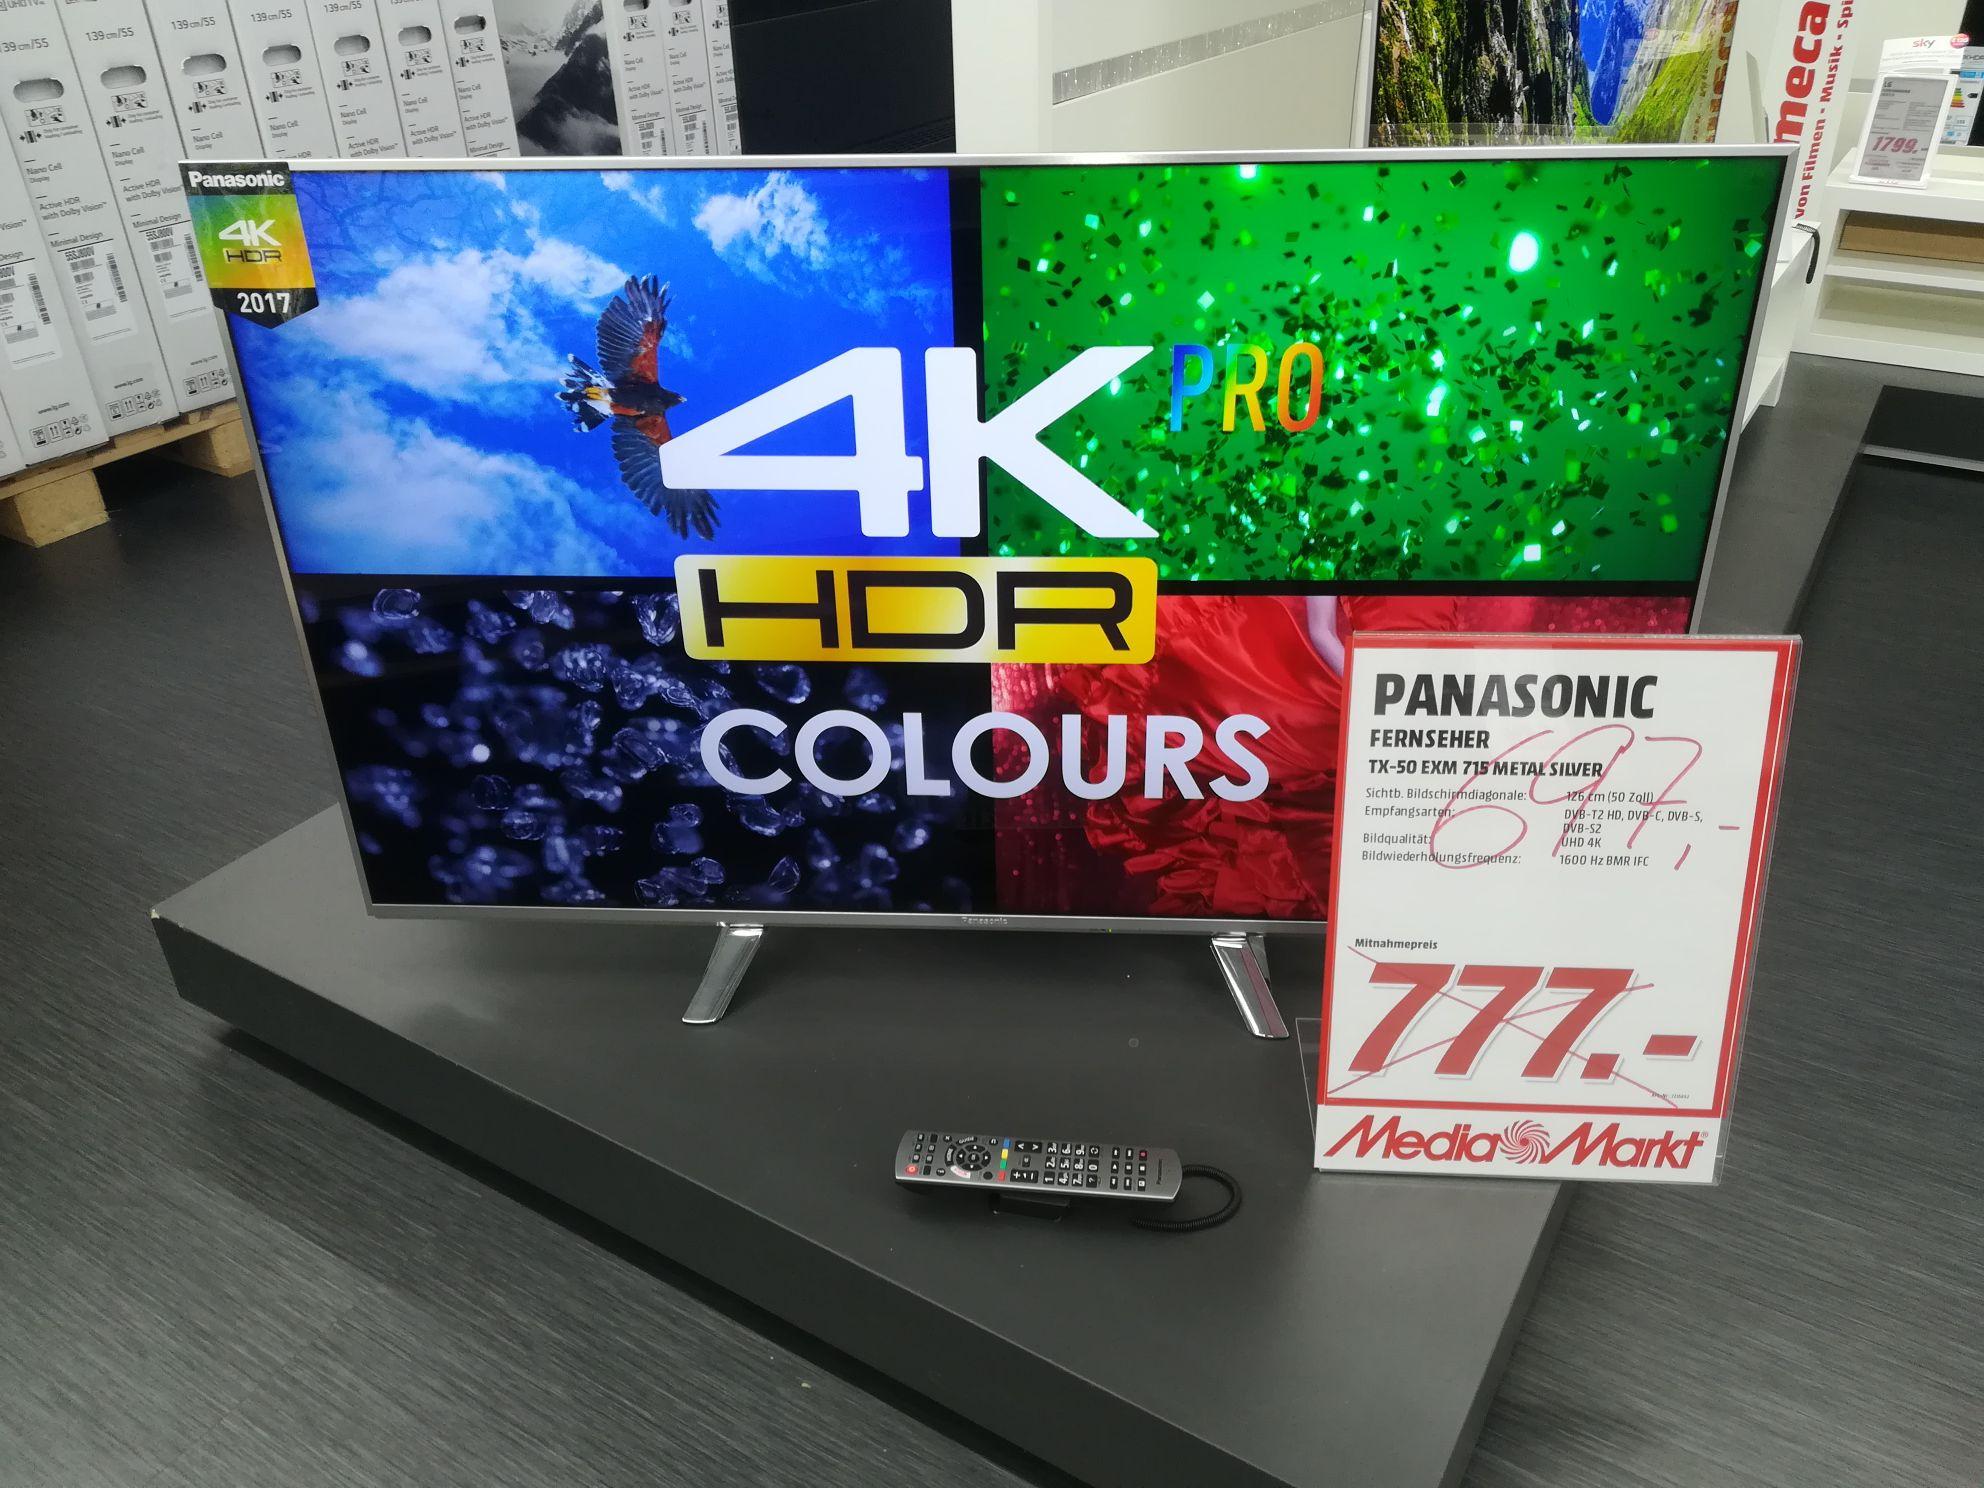 Panasonic TX 50 exm 715 -  im mediamarkt in der hasengartenstr in Wiesbaden.